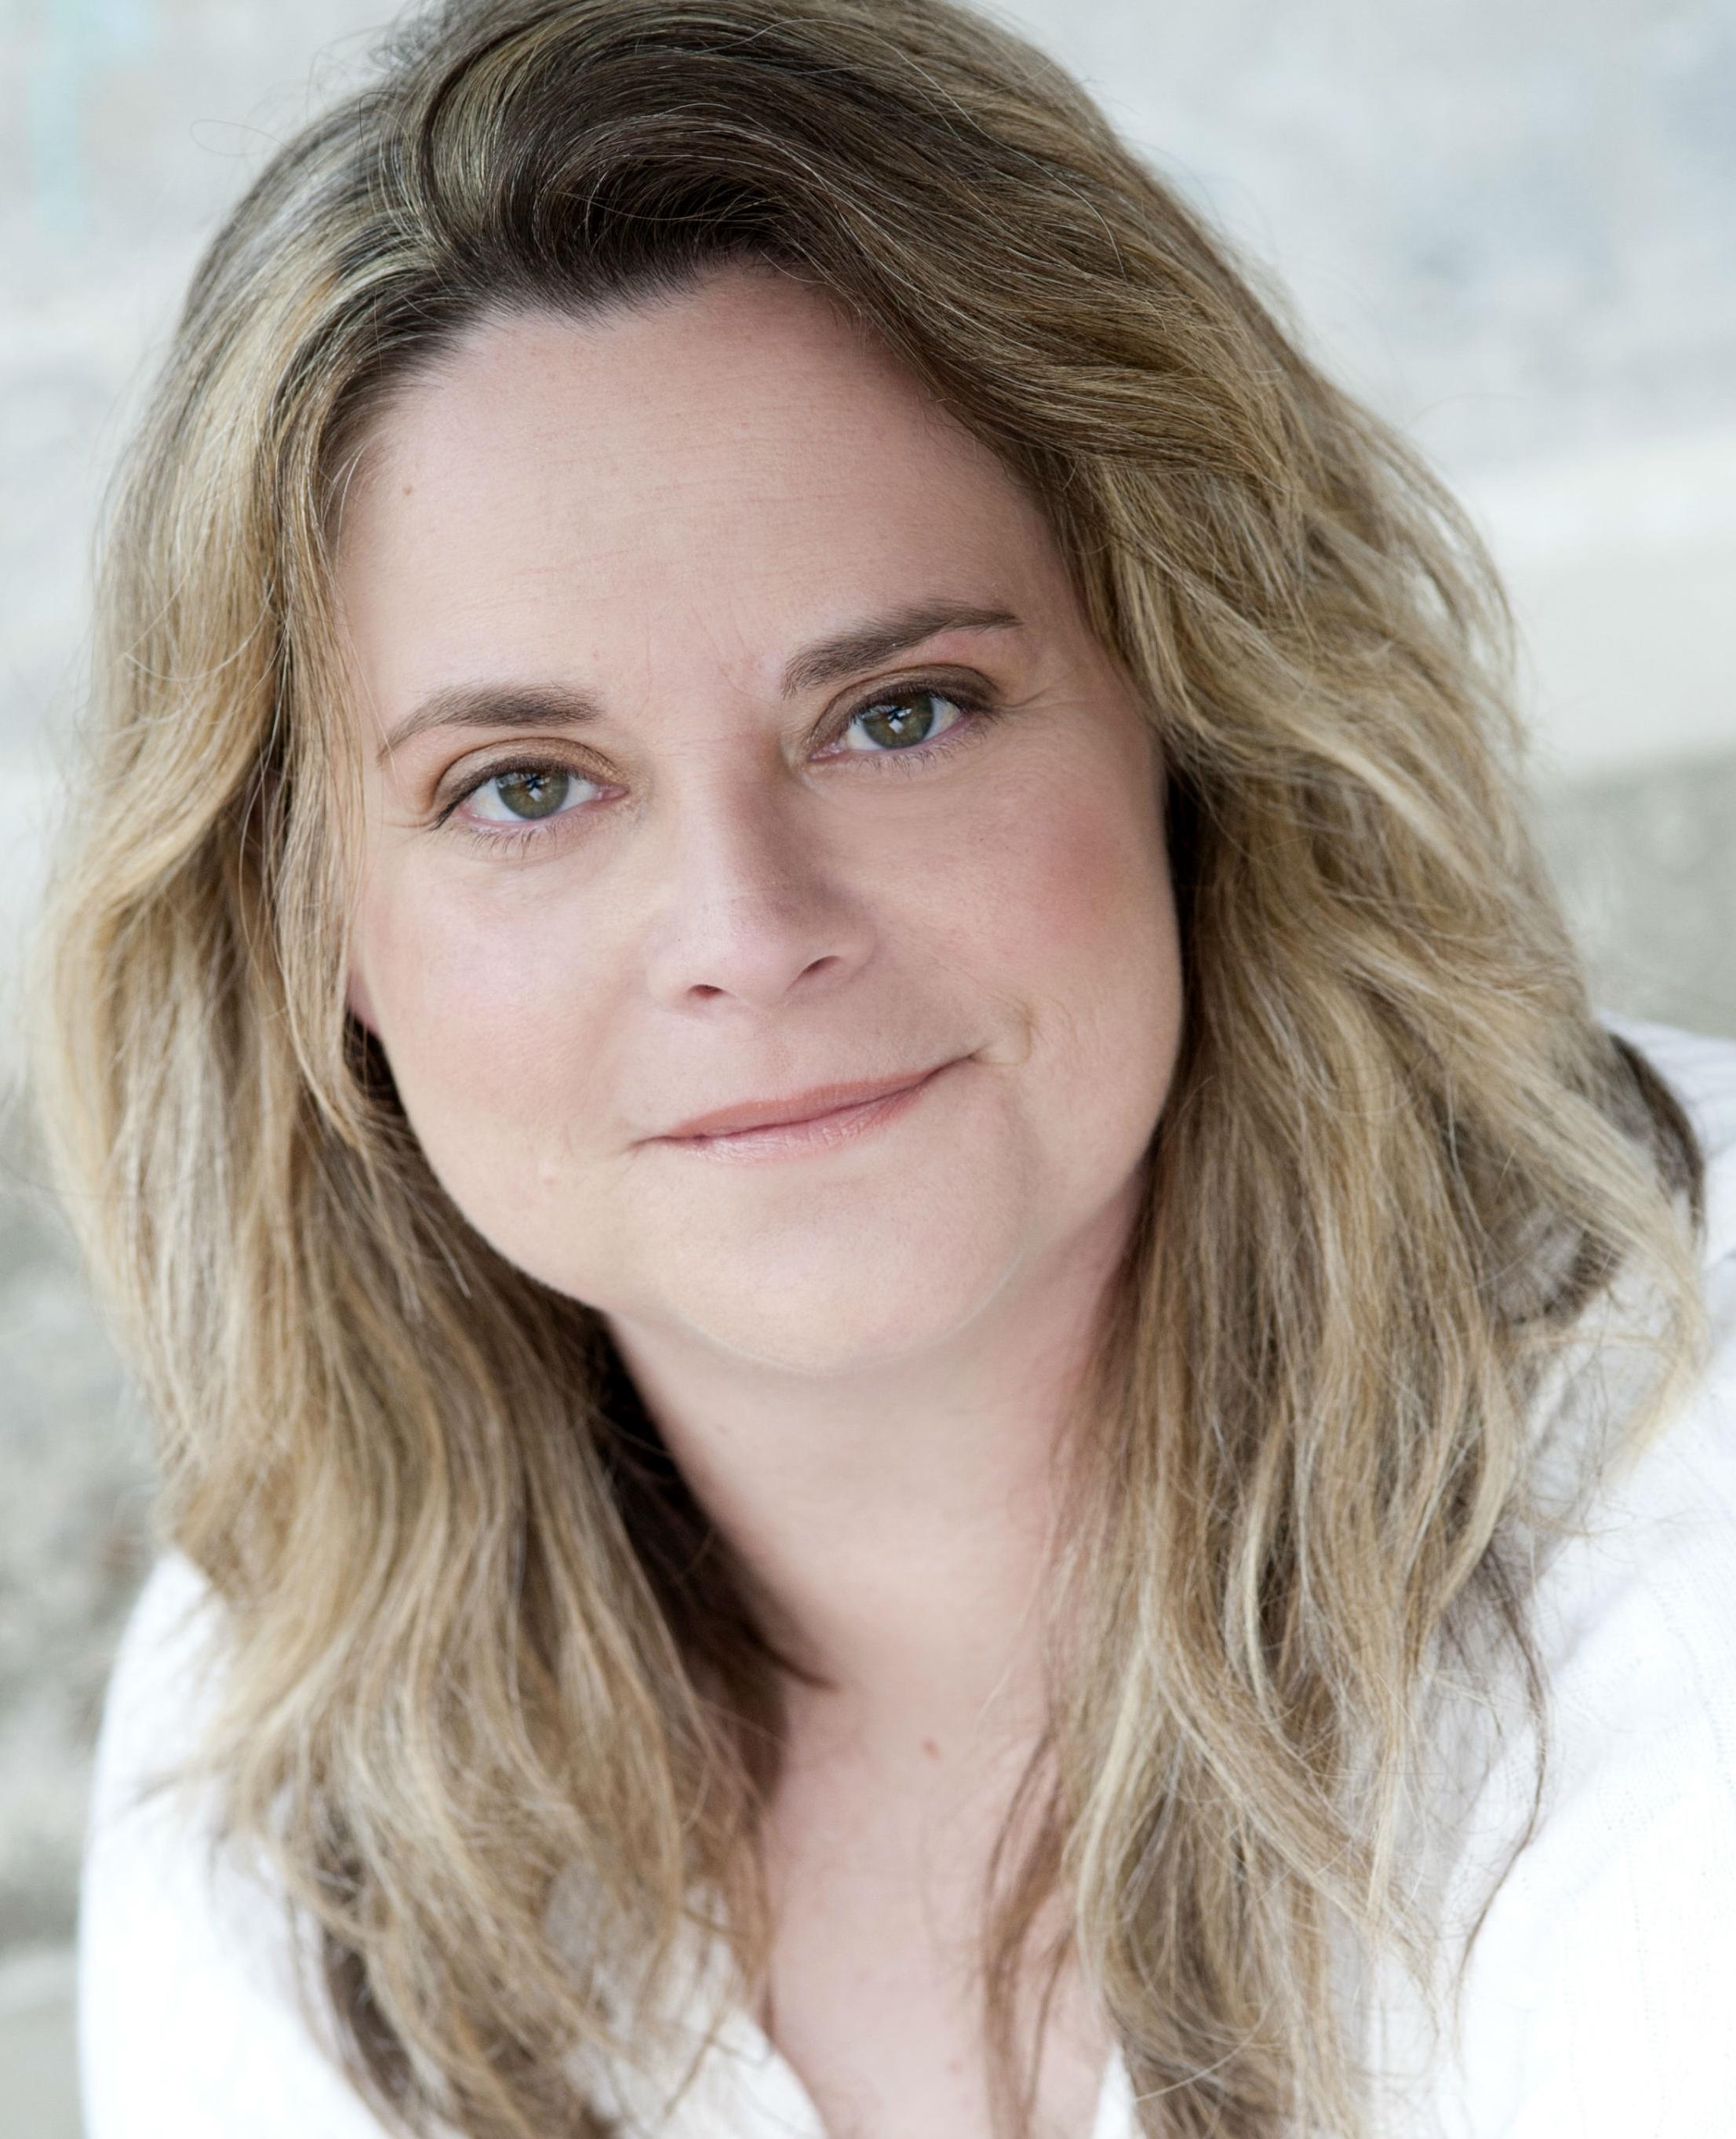 Cindy Jackson as Sheriff Lisa Hughes